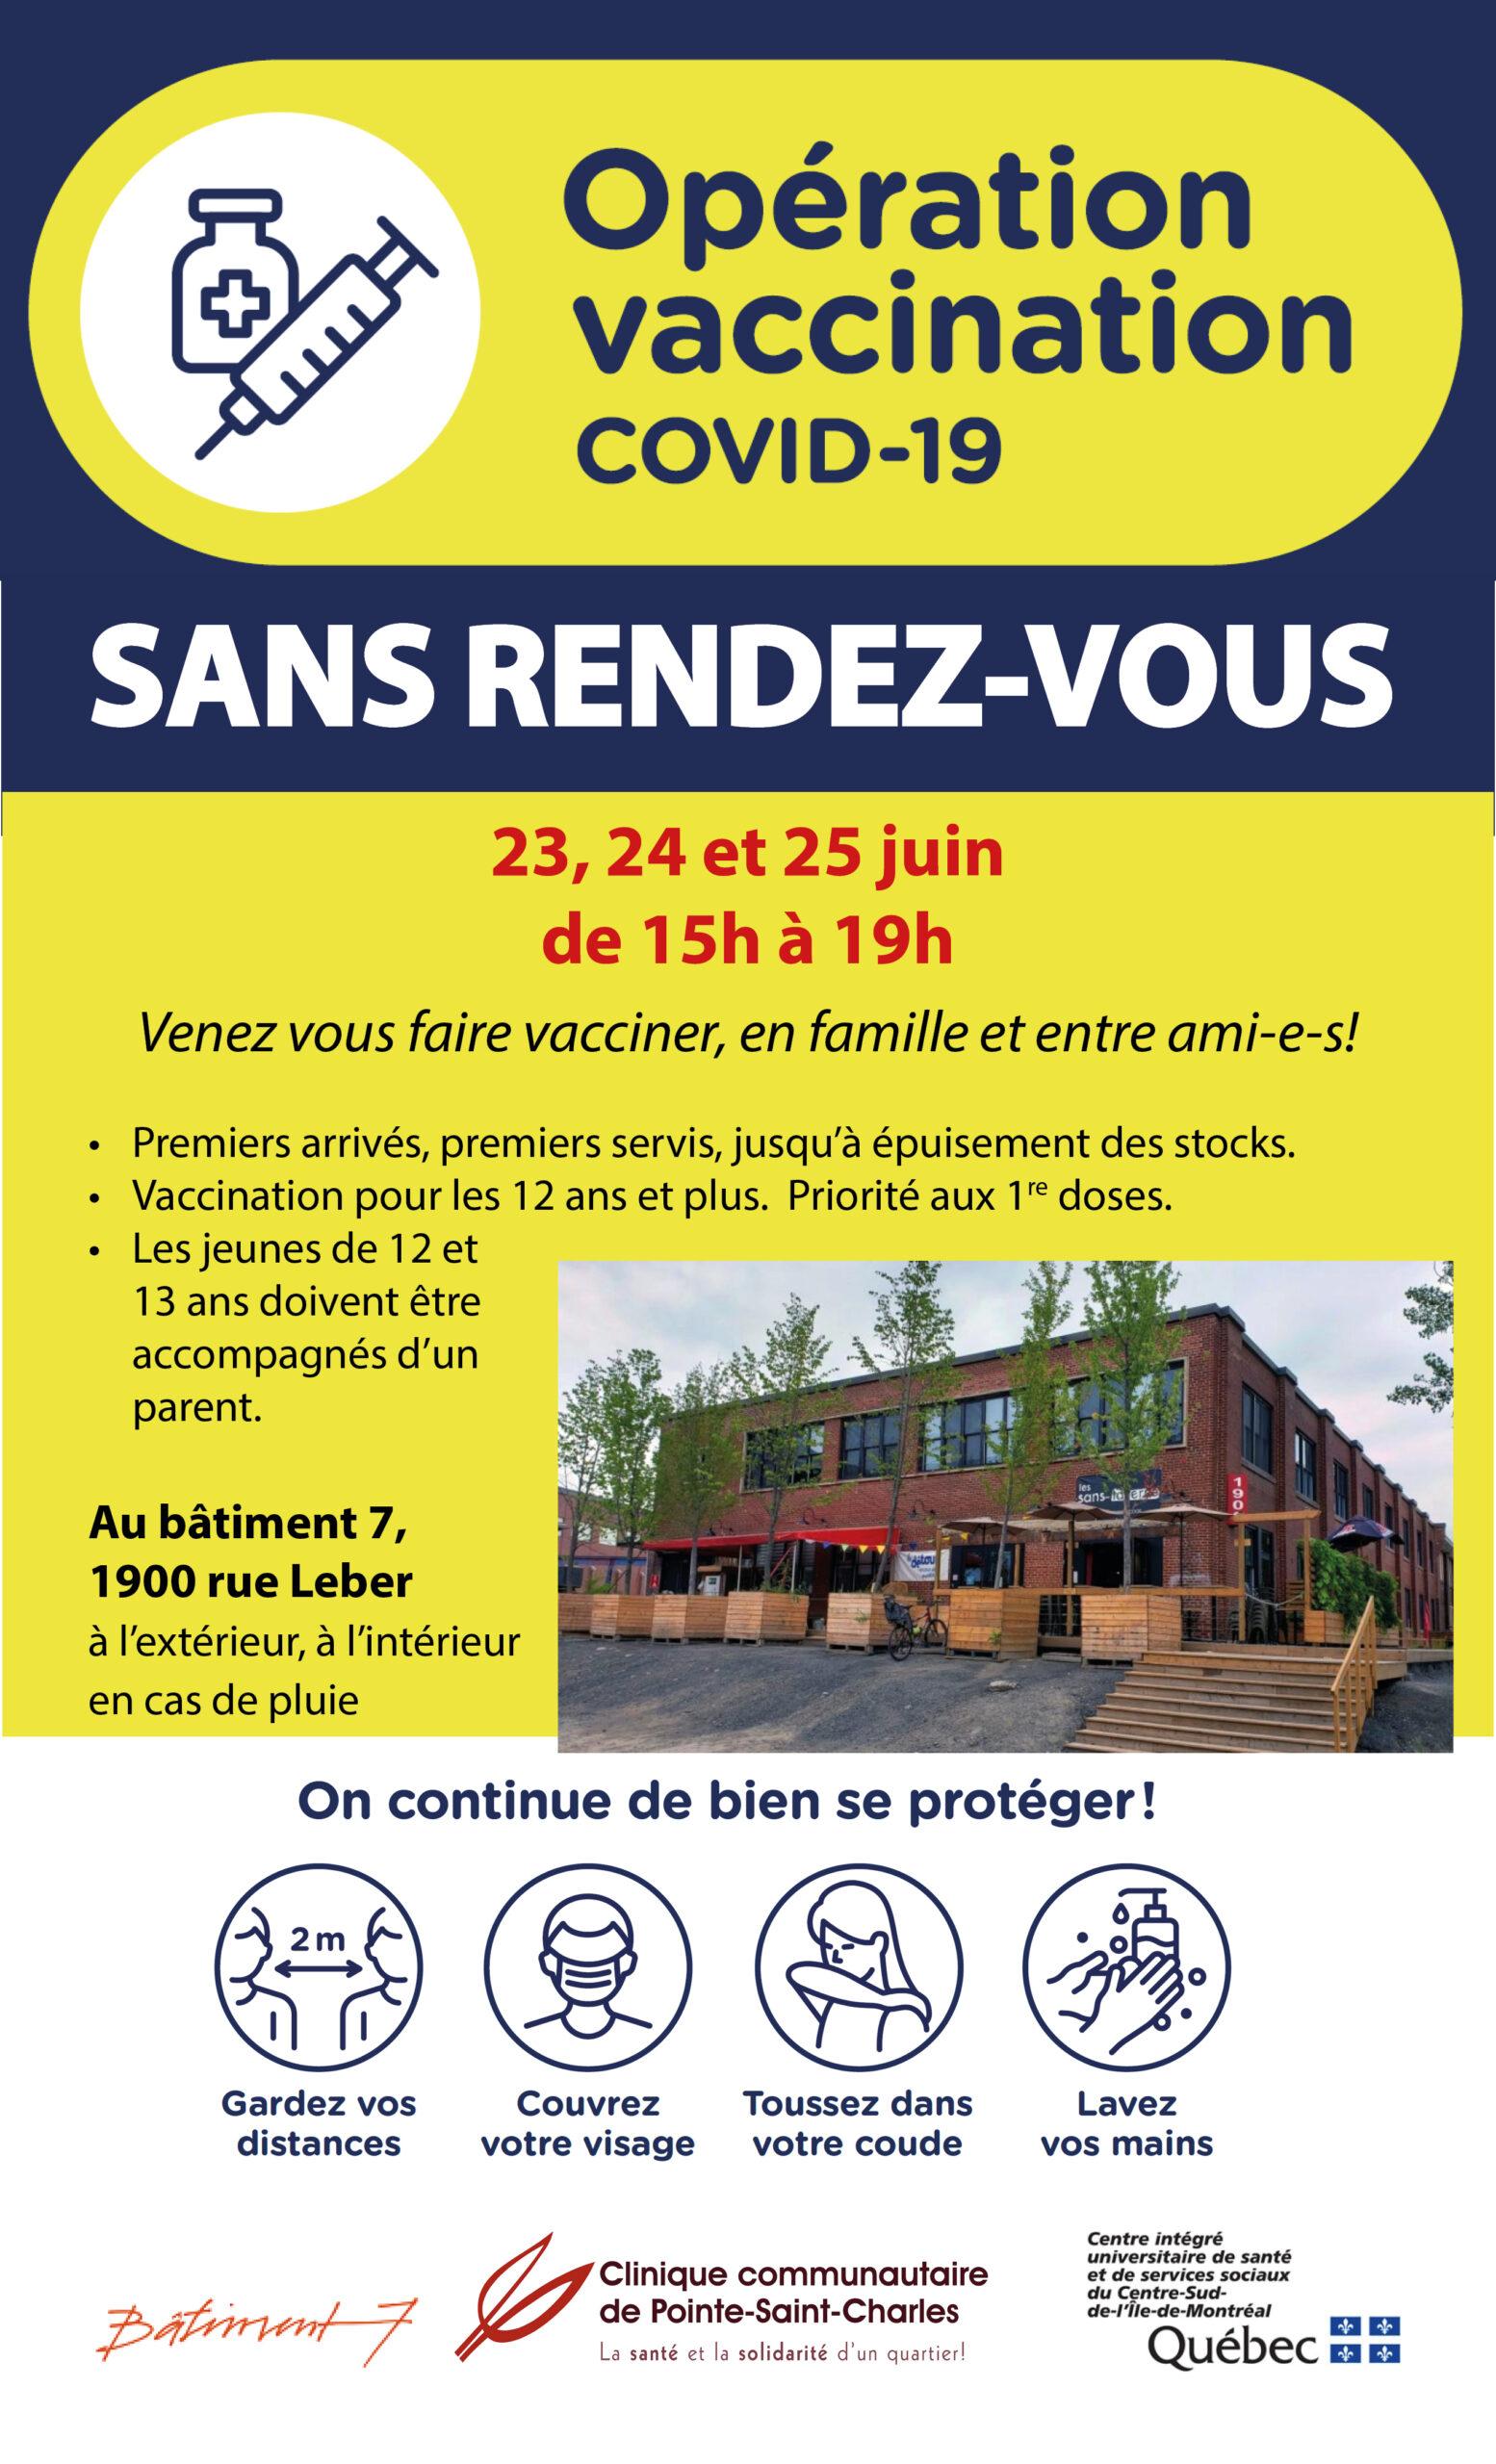 Vaccination COVID sans rendez-vous le 23, 24 et 25 juin au Bâtiment 7